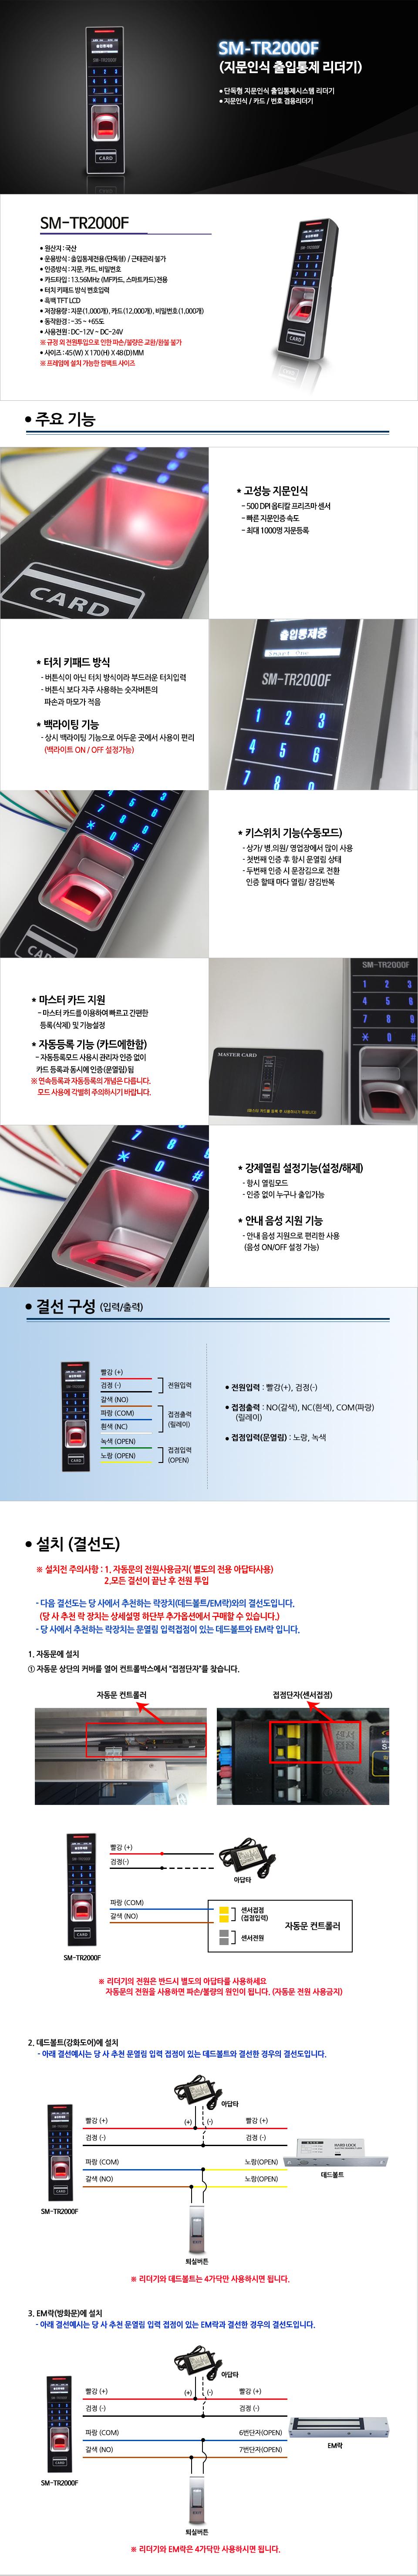 SM-TR2000F작업-idgd.jpg